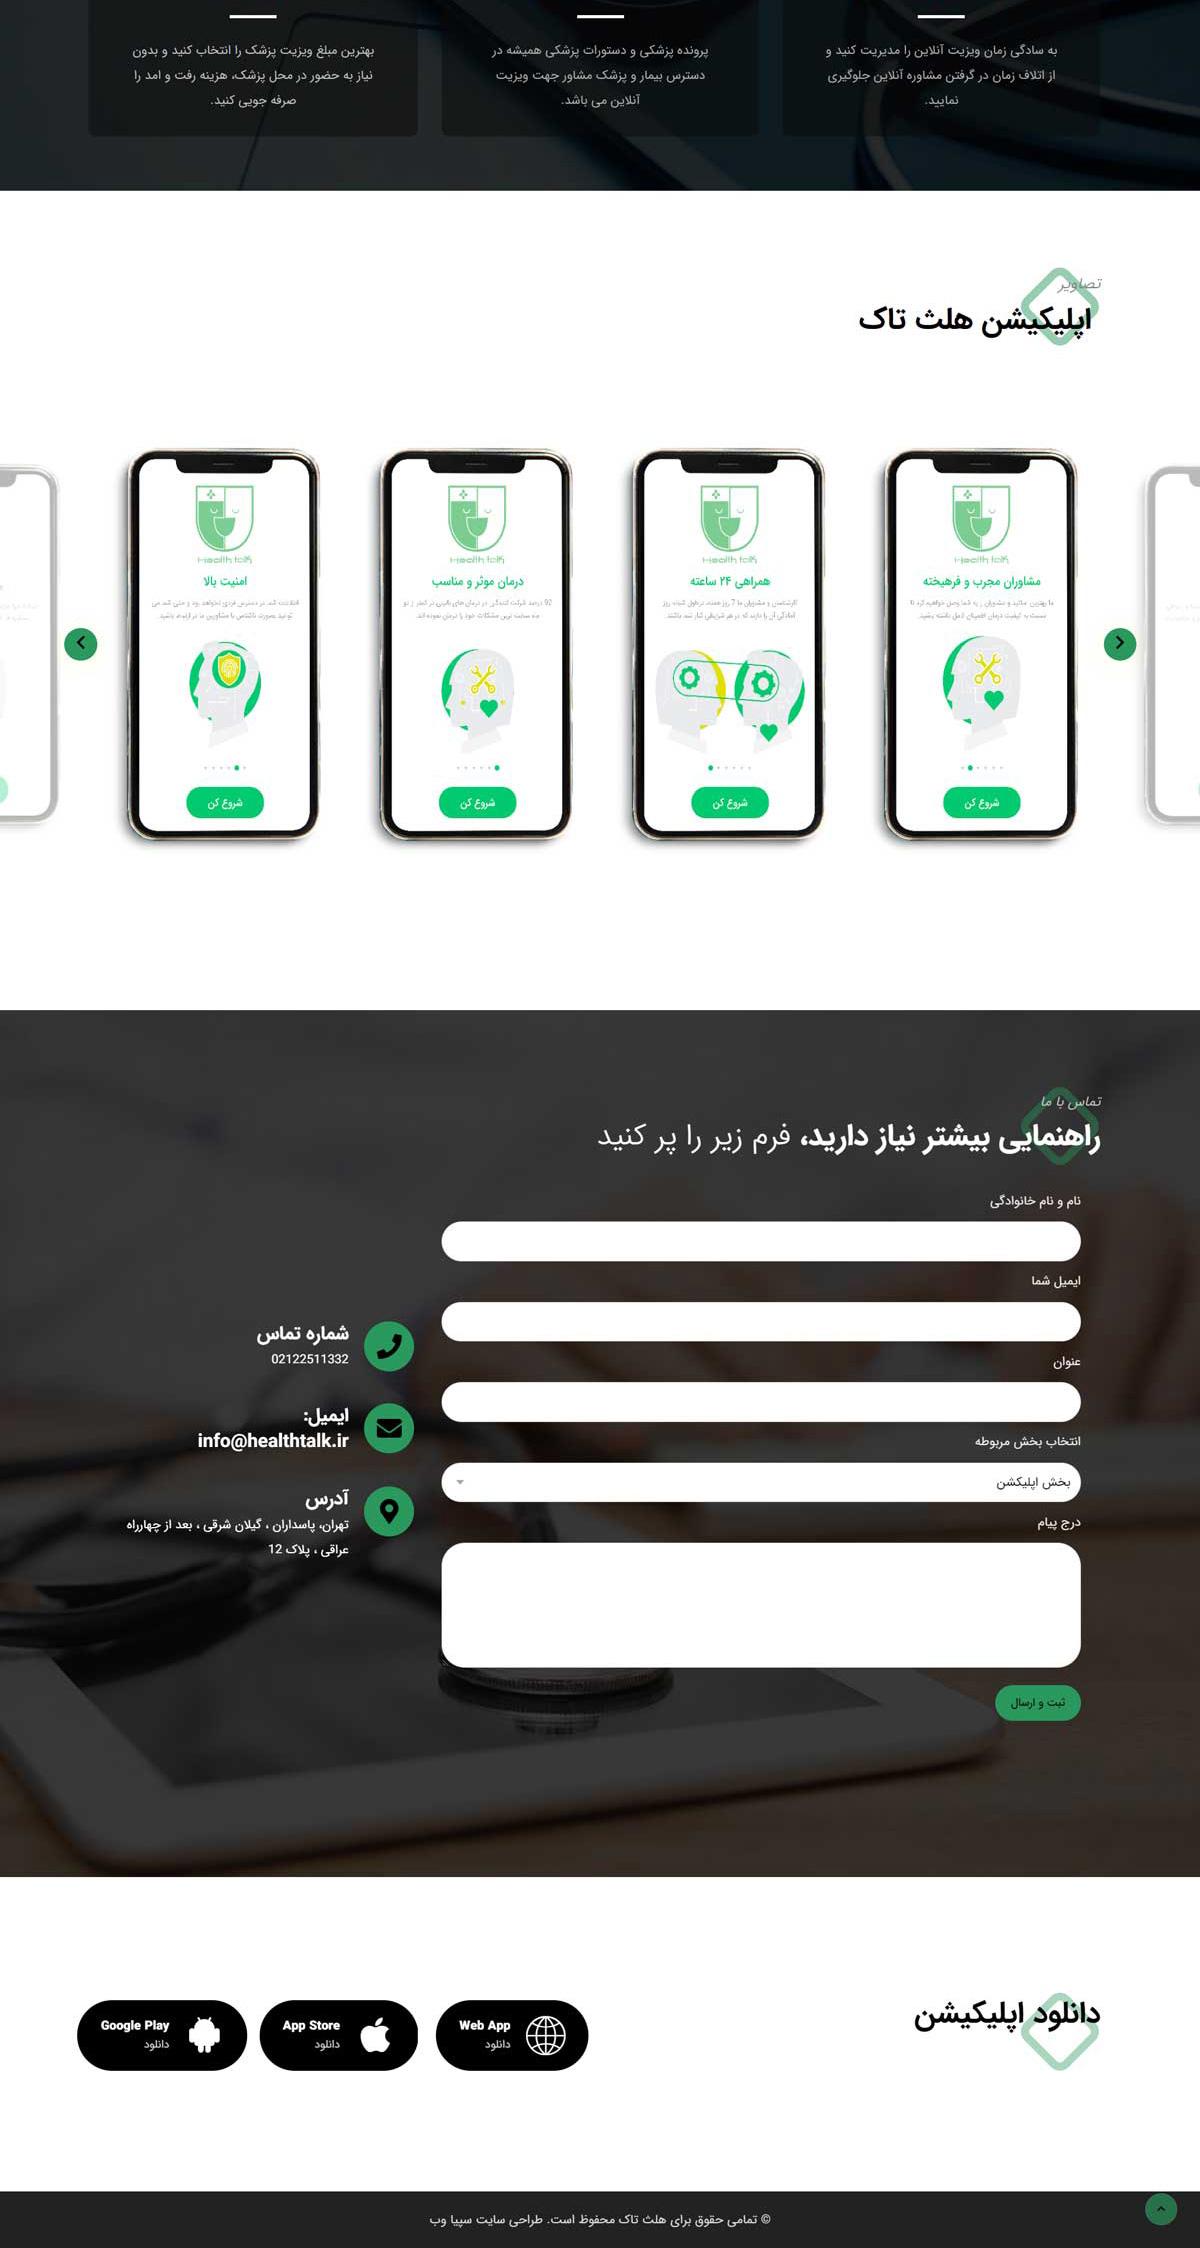 طراحی سایت هلث تاک